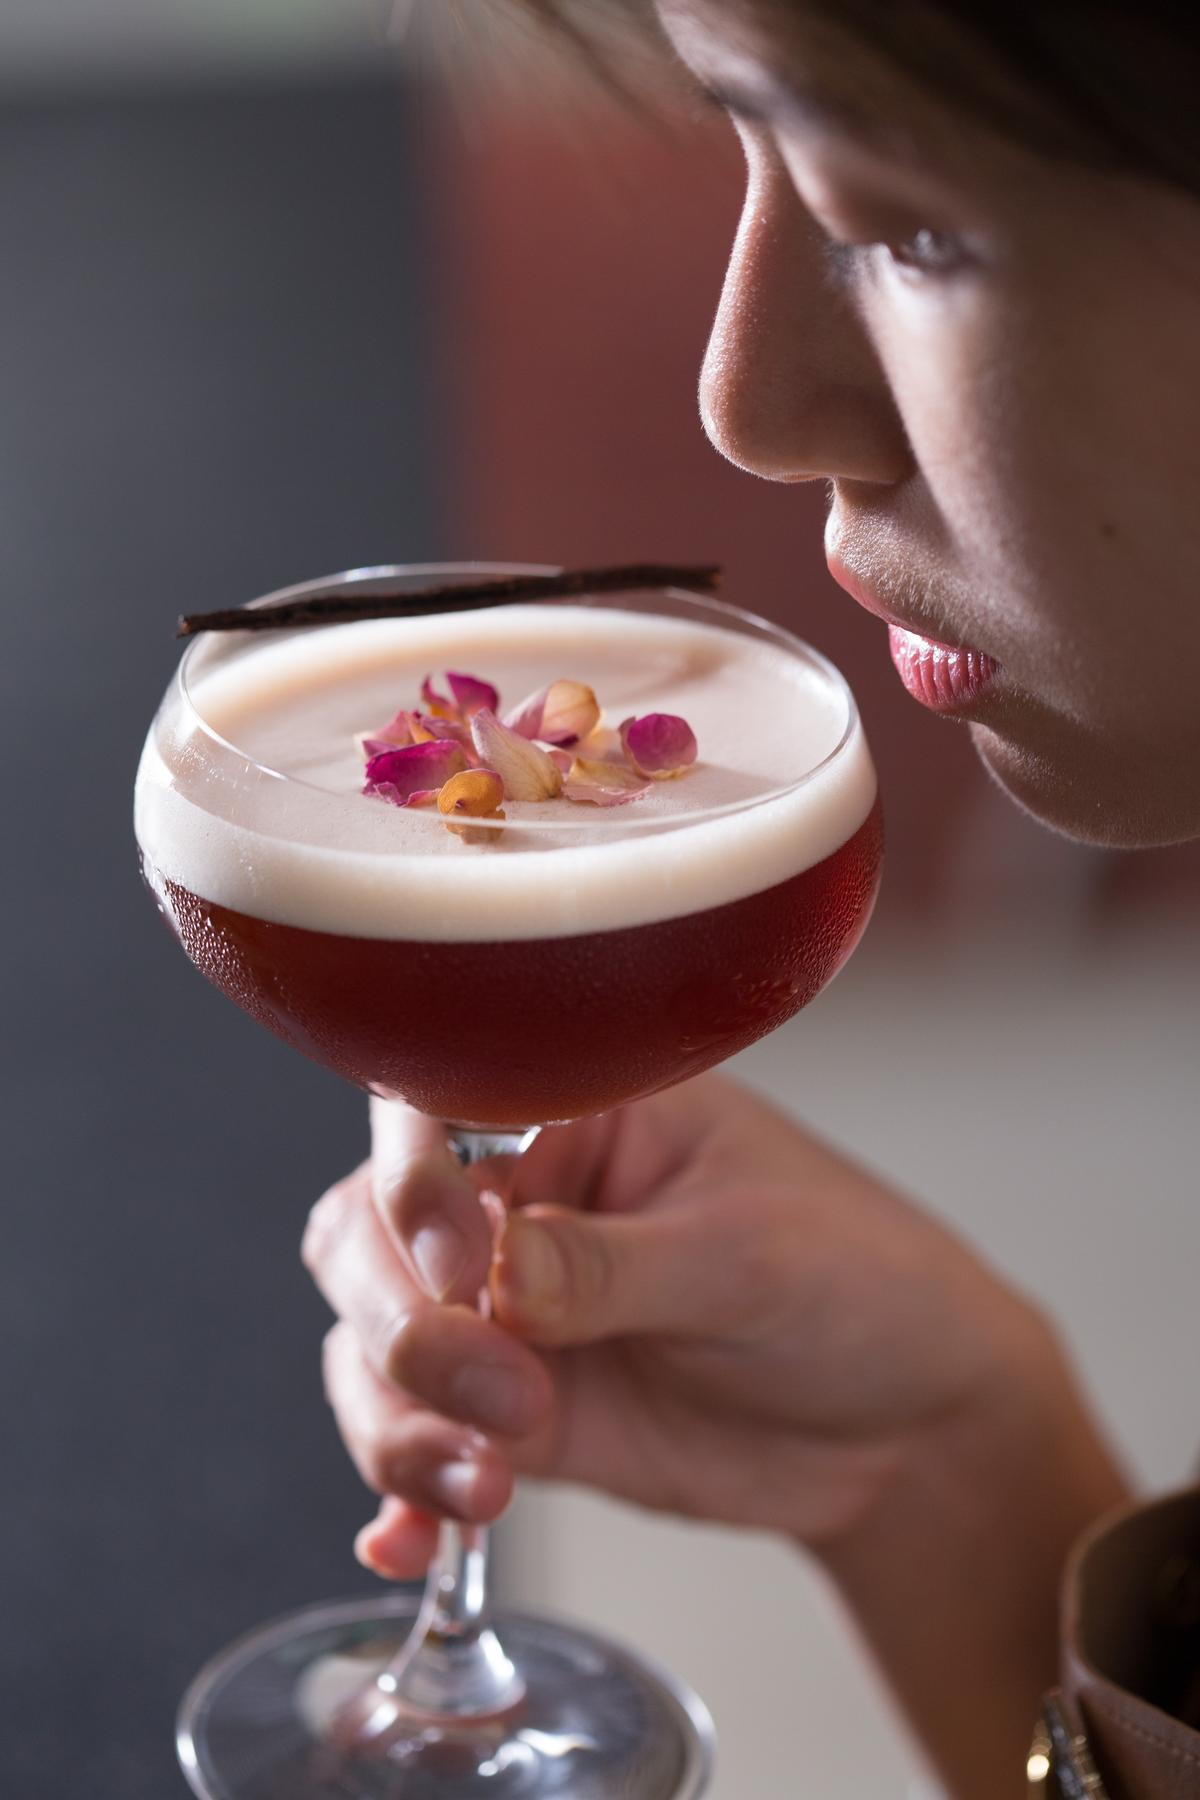 「綻放」入口先嘗柔美玫瑰香韻,咖啡、香草的味道接來,綿密的泡沫留住香氣,整體好入口。(350元/杯)